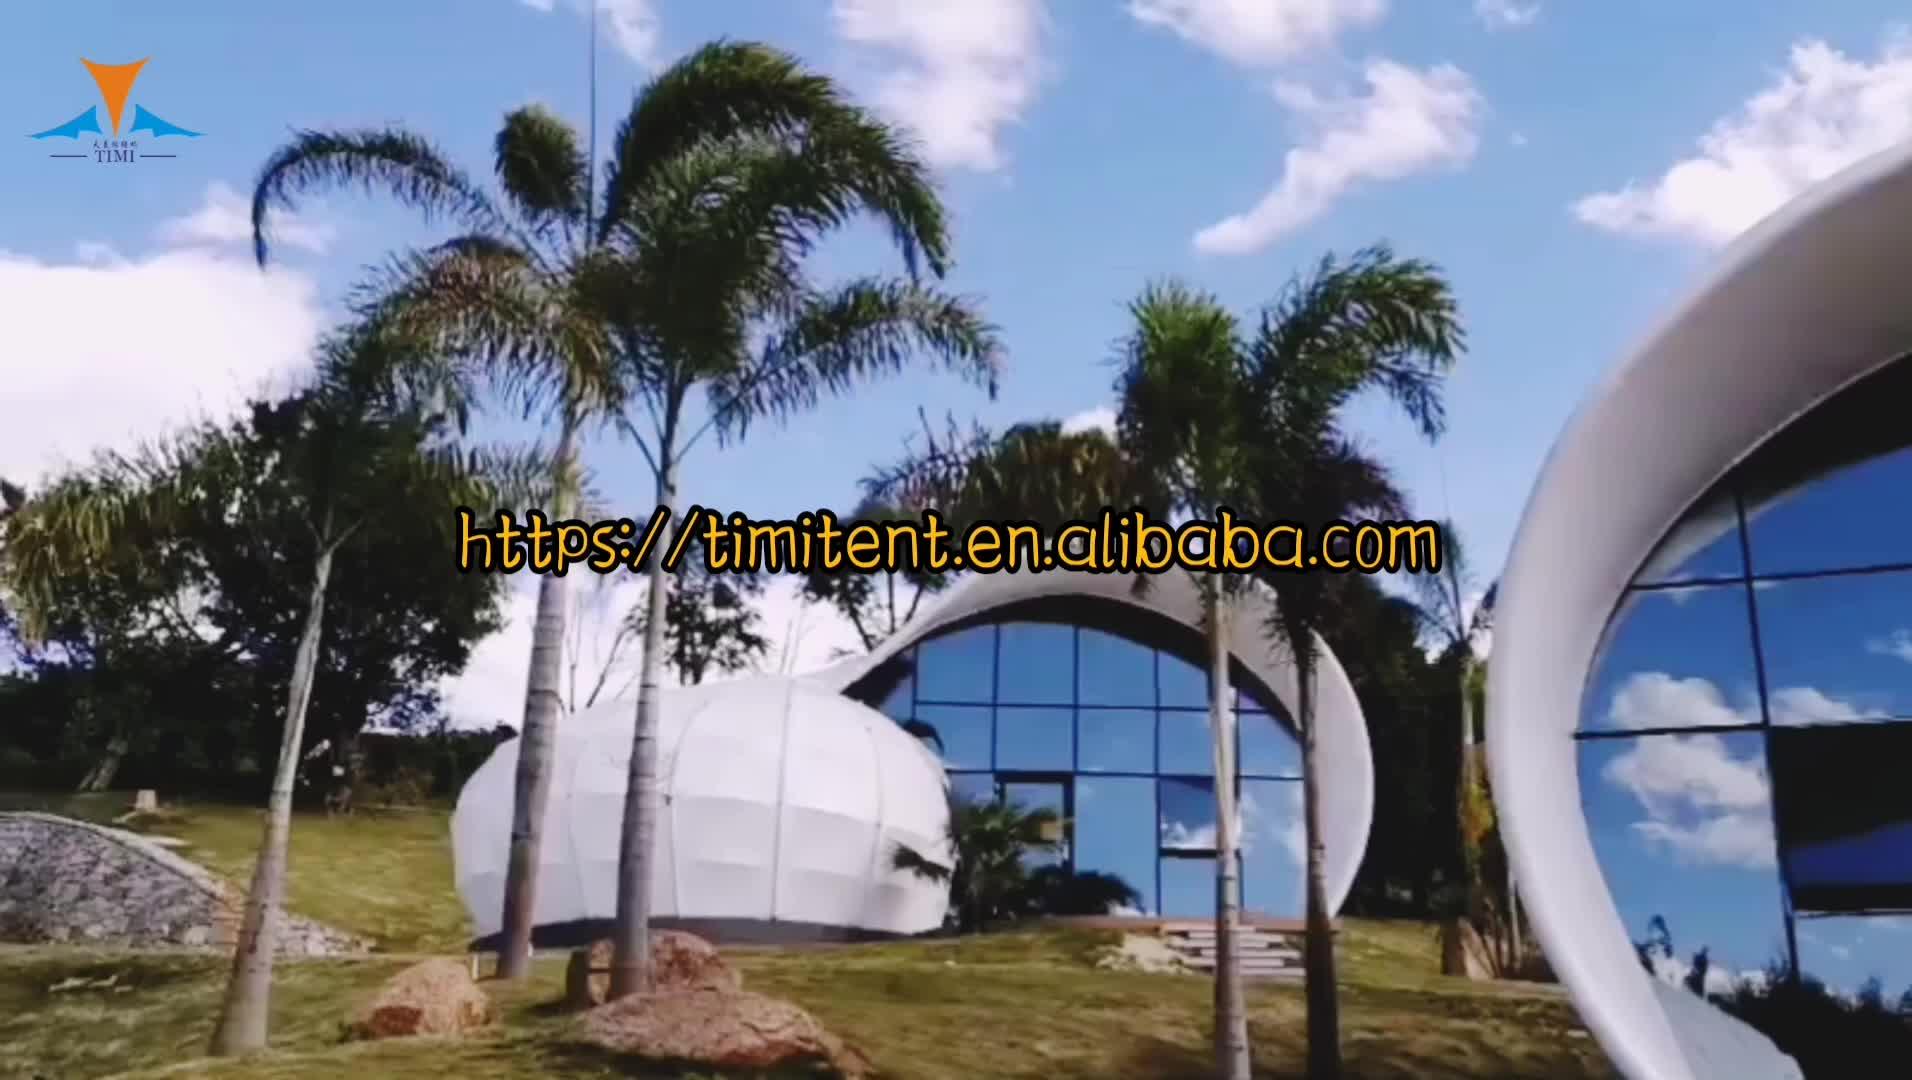 텐트 호텔 럭셔리 텐트 사파리 글램핑 야외 달팽이 모양 텐트 다섯 스타 리조트